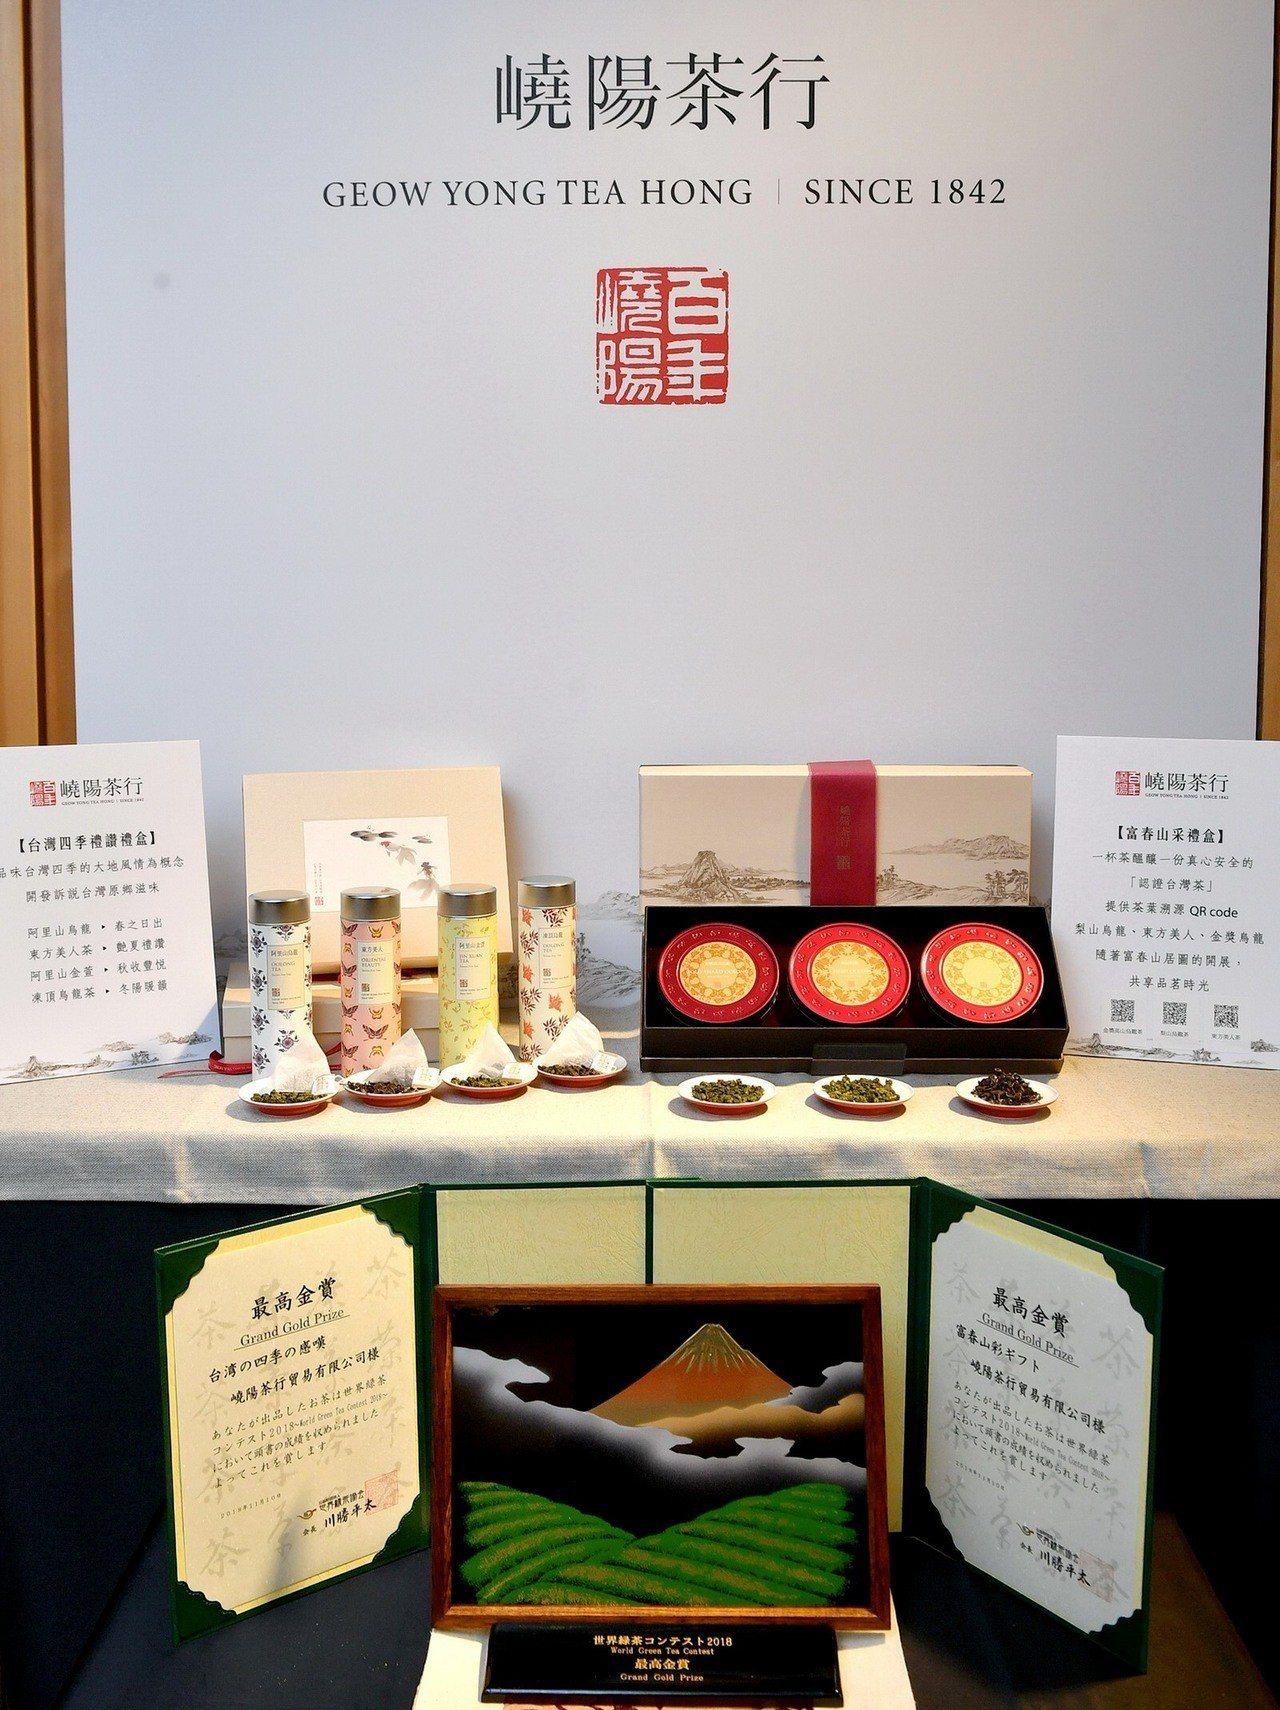 嶢陽茶行摘下世界綠茶大賽最高金賞獎的兩款禮盒。圖/嶢陽茶行提供